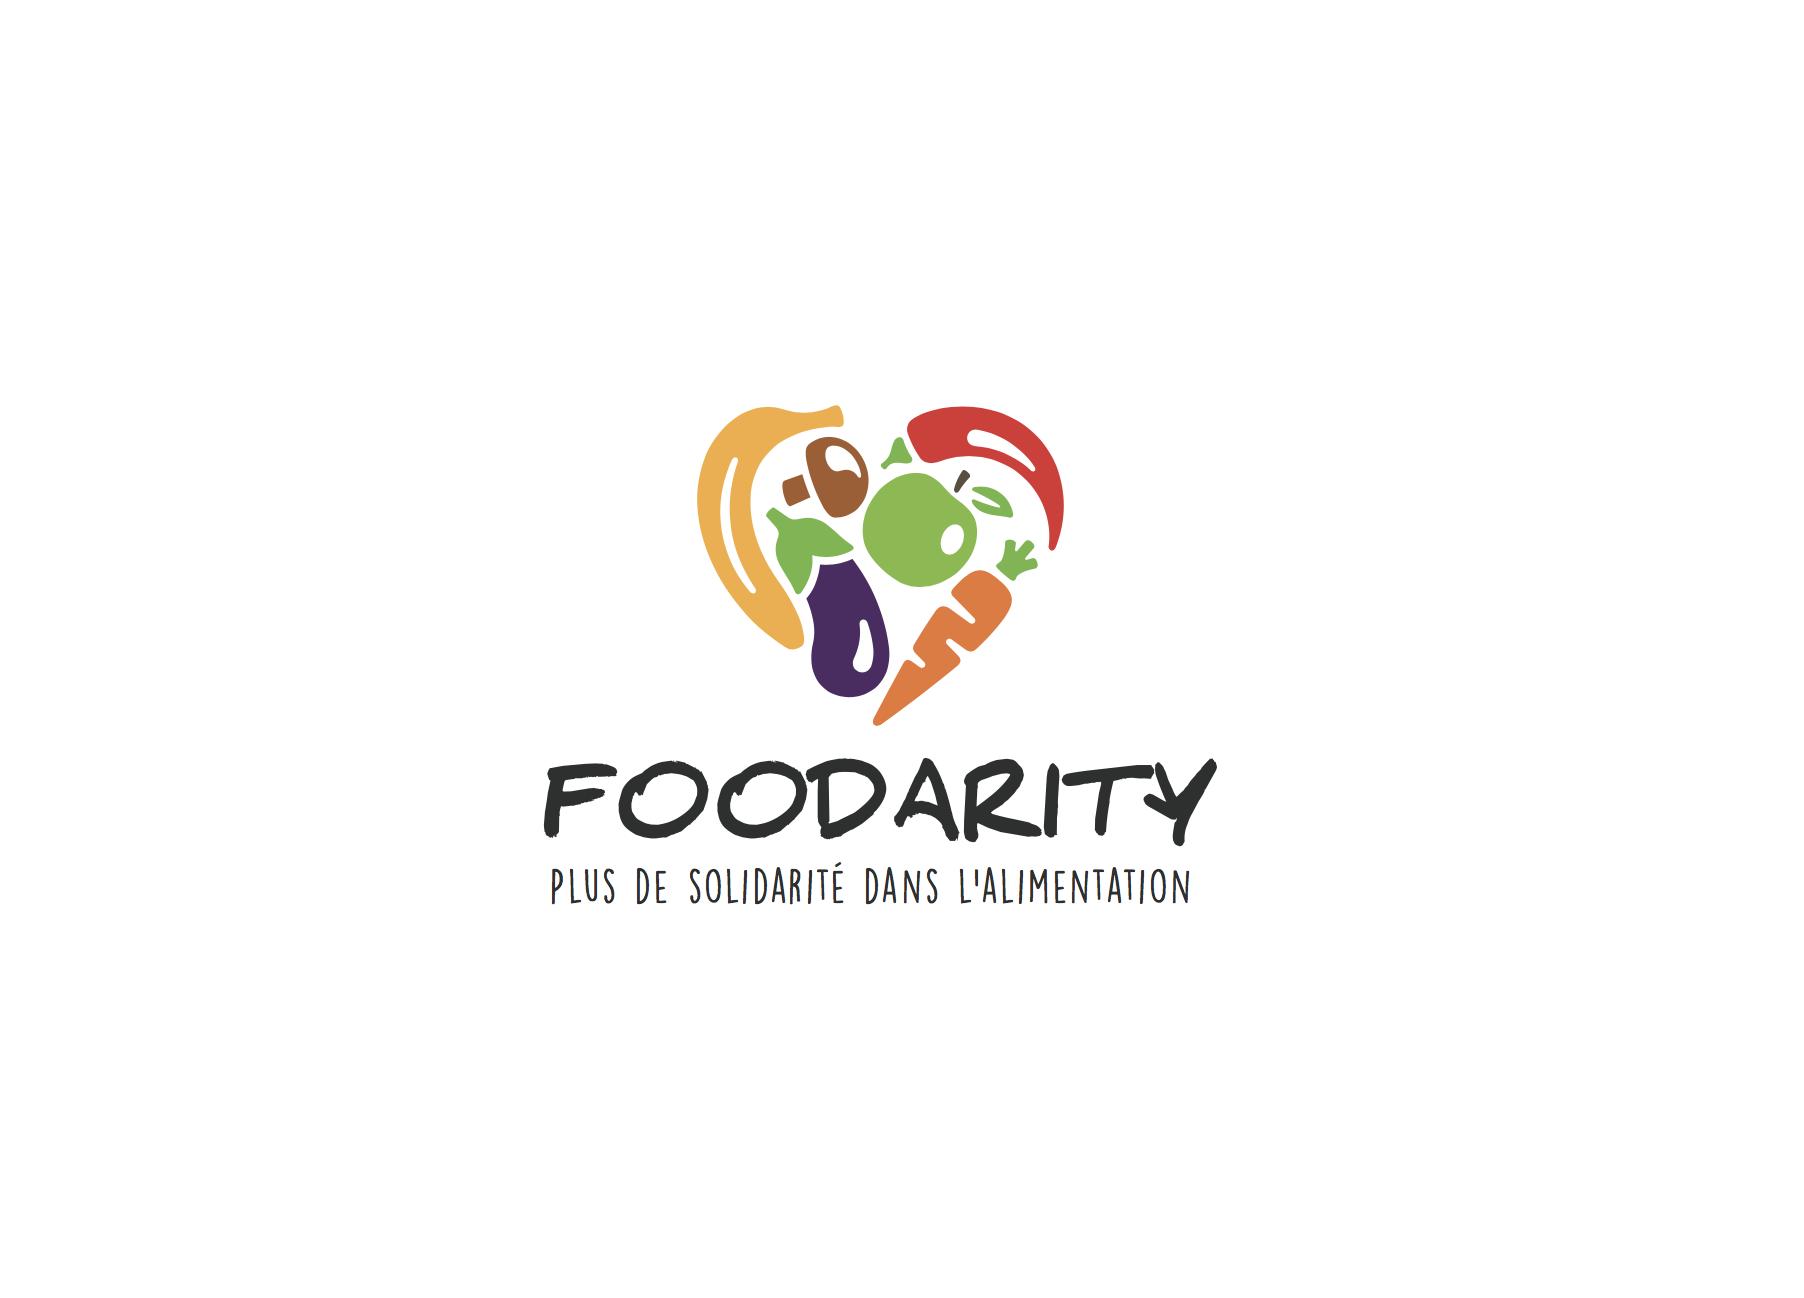 Foodarity